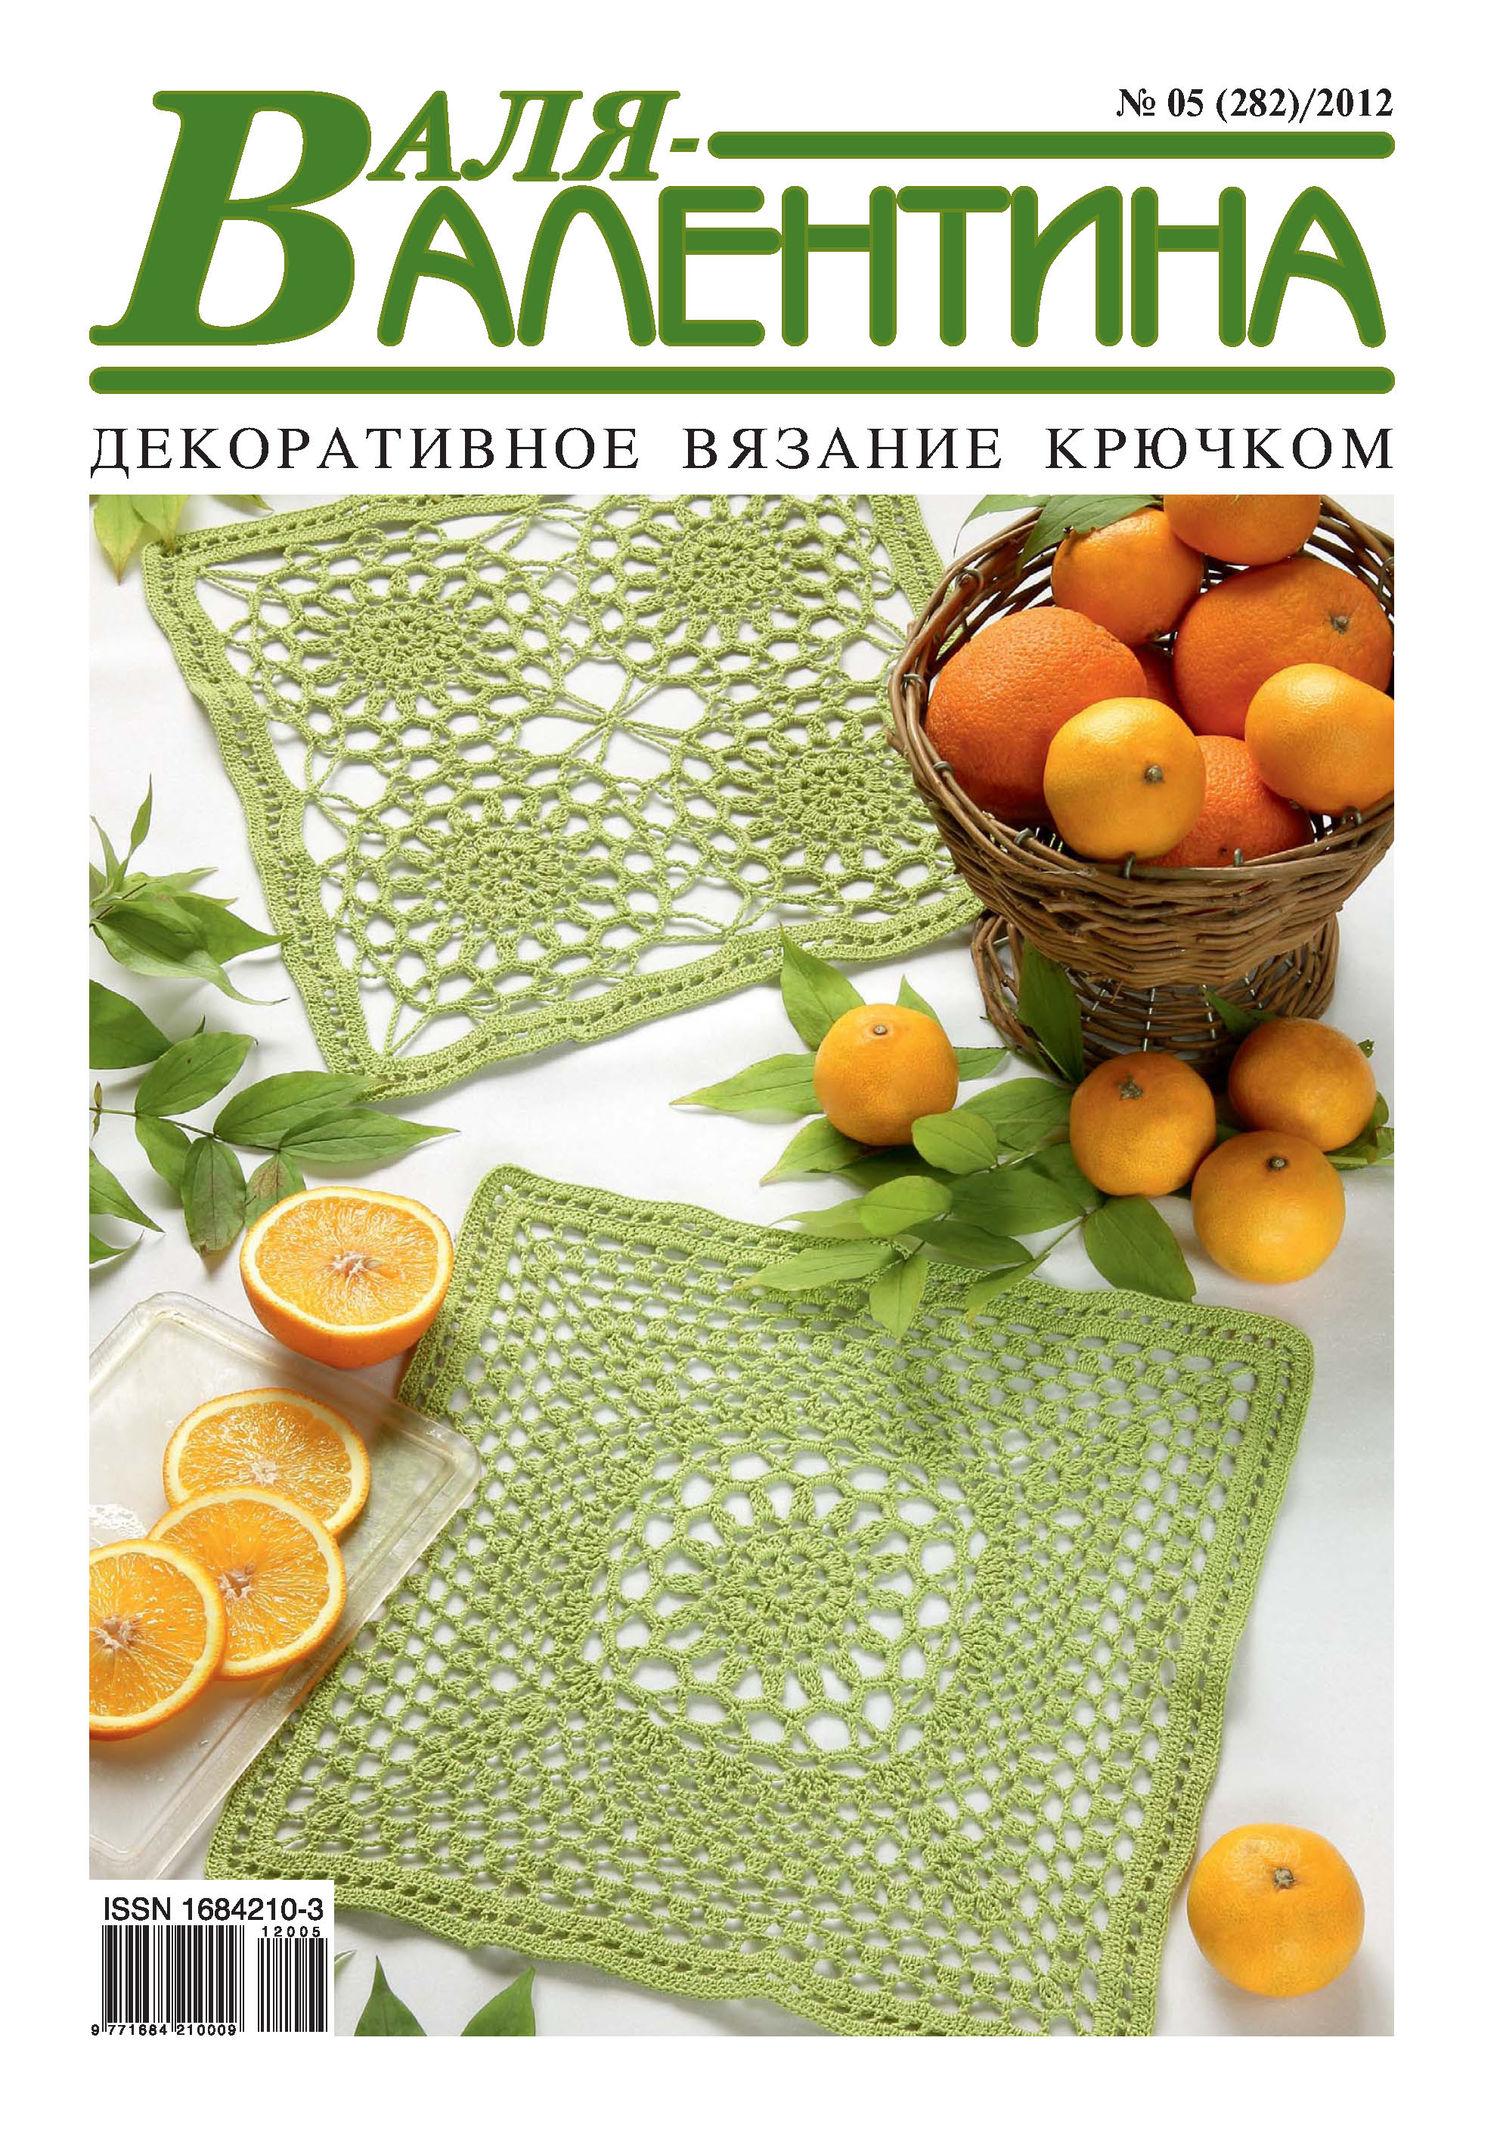 Отсутствует Валя-Валентина. Декоративное вязание крючком. №05/2012